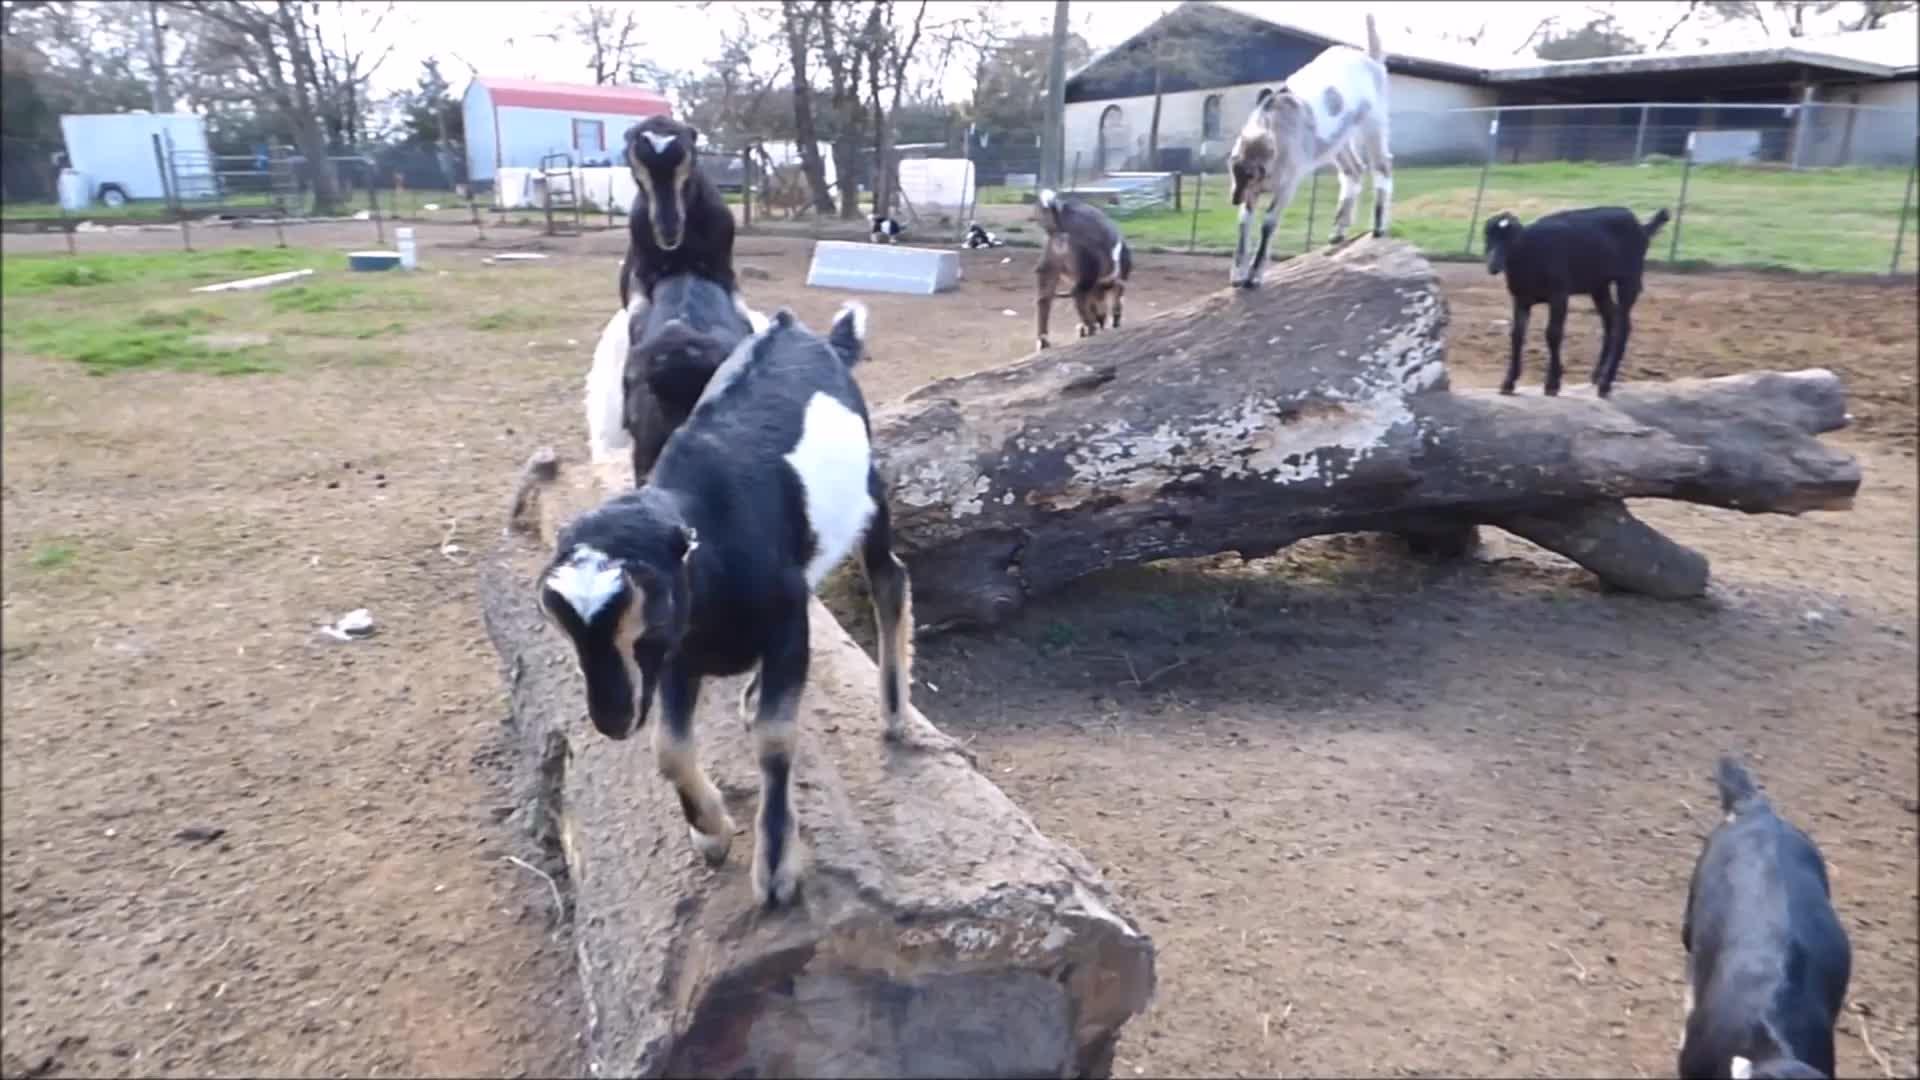 goatparkour, knsfarm, Take Your Turn GIFs